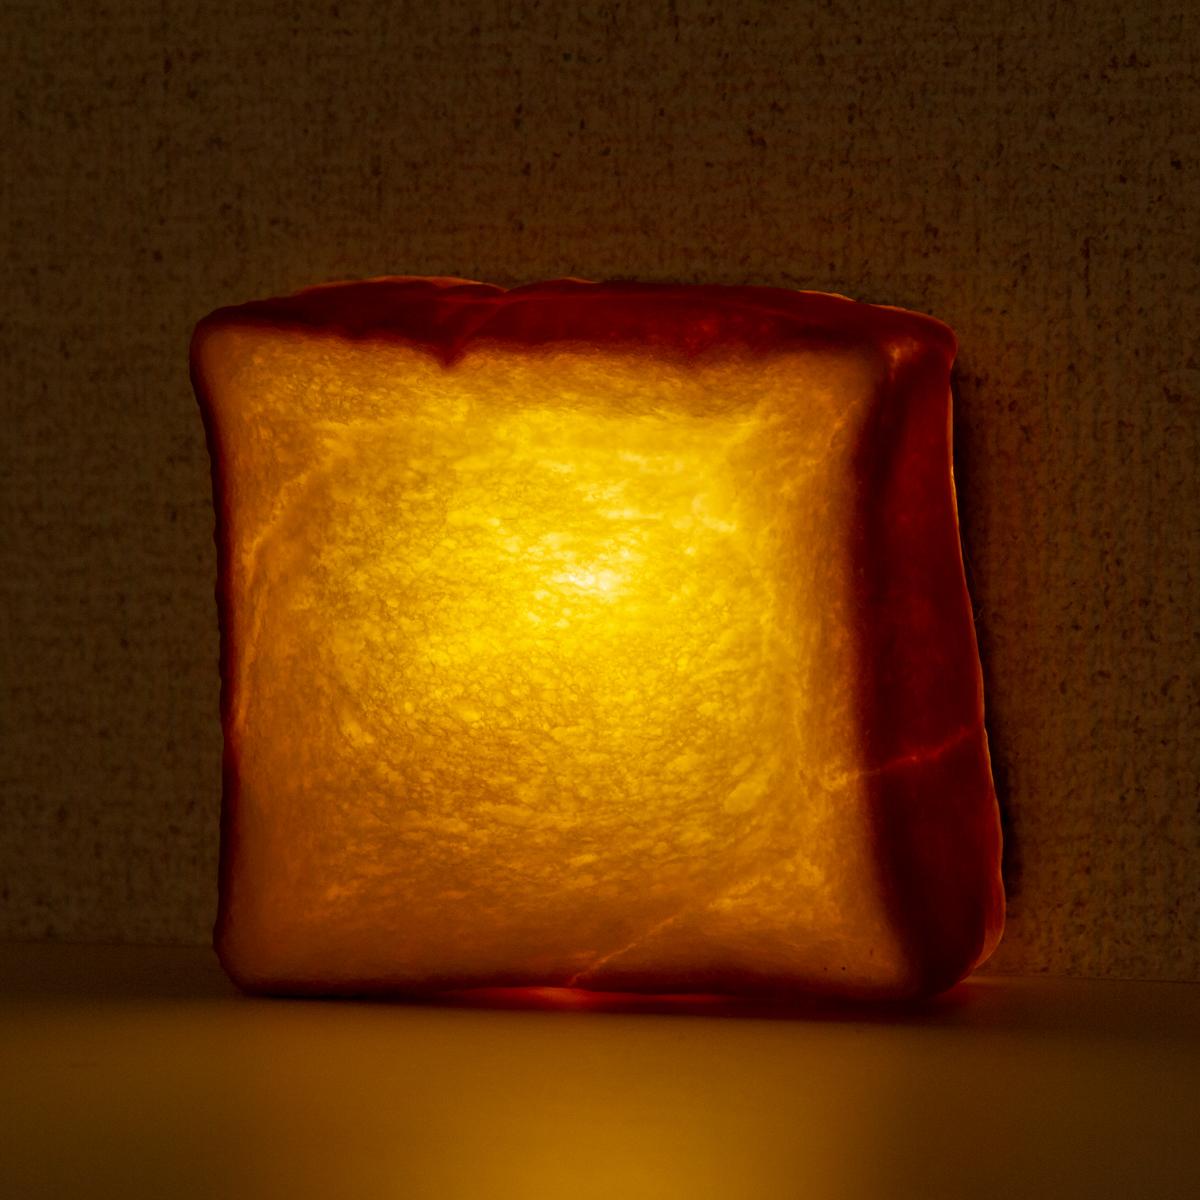 コロンとした丸いフォルムが可愛い「プチブール」。本物のパンがそのままインテリアライトに!置くだけで明かりのオンオフができる「ライト・ランプ・間接照明」|モリタ製パン所「パンプシェード」